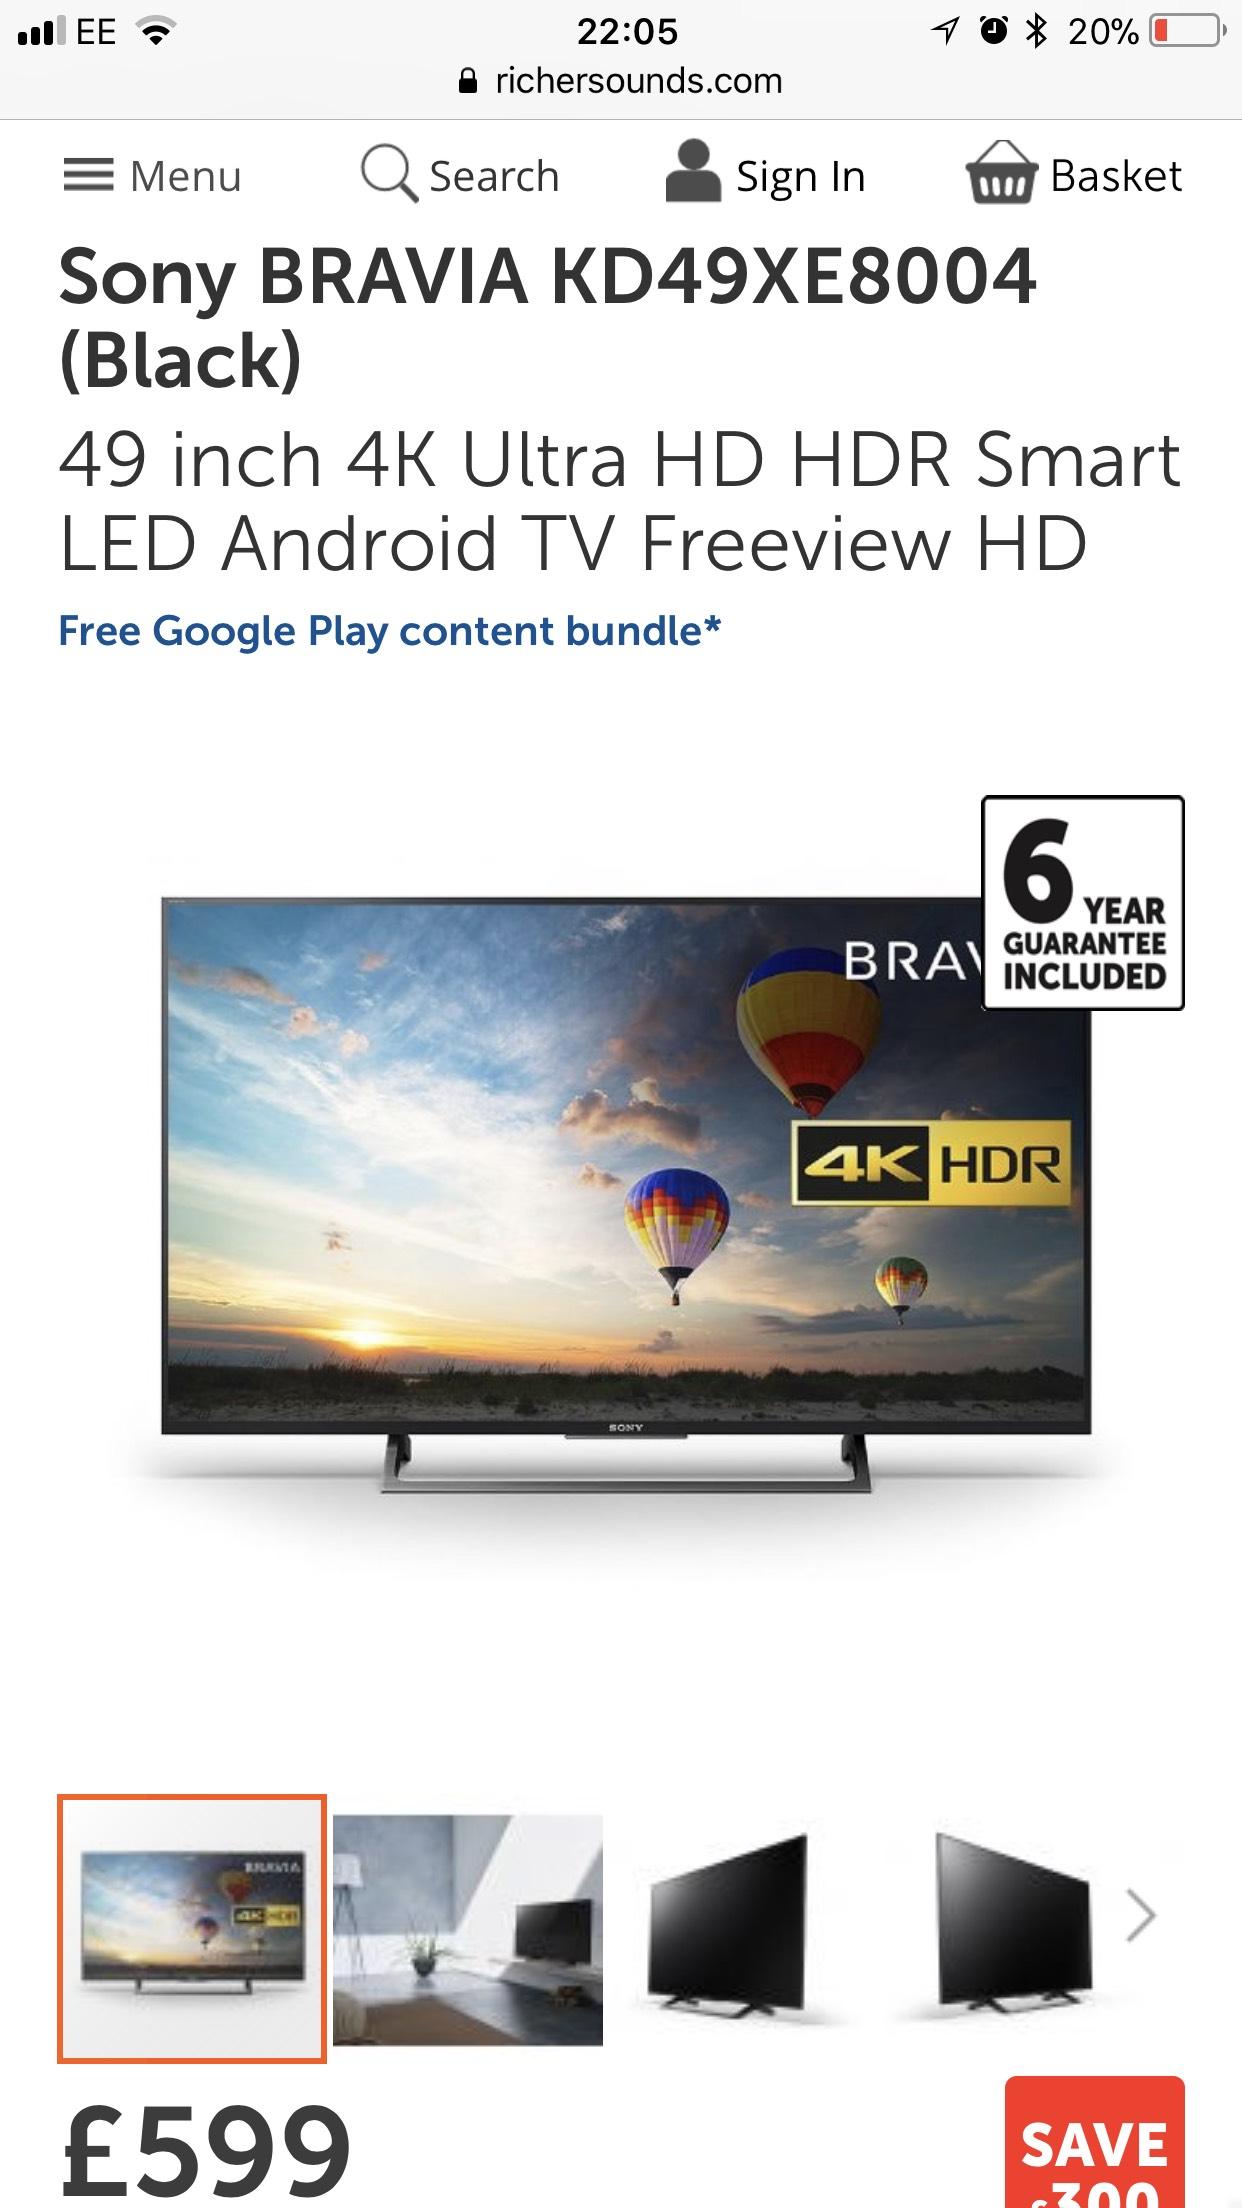 Sony Bravia KD49XE8004 £599 @ RicherSounds